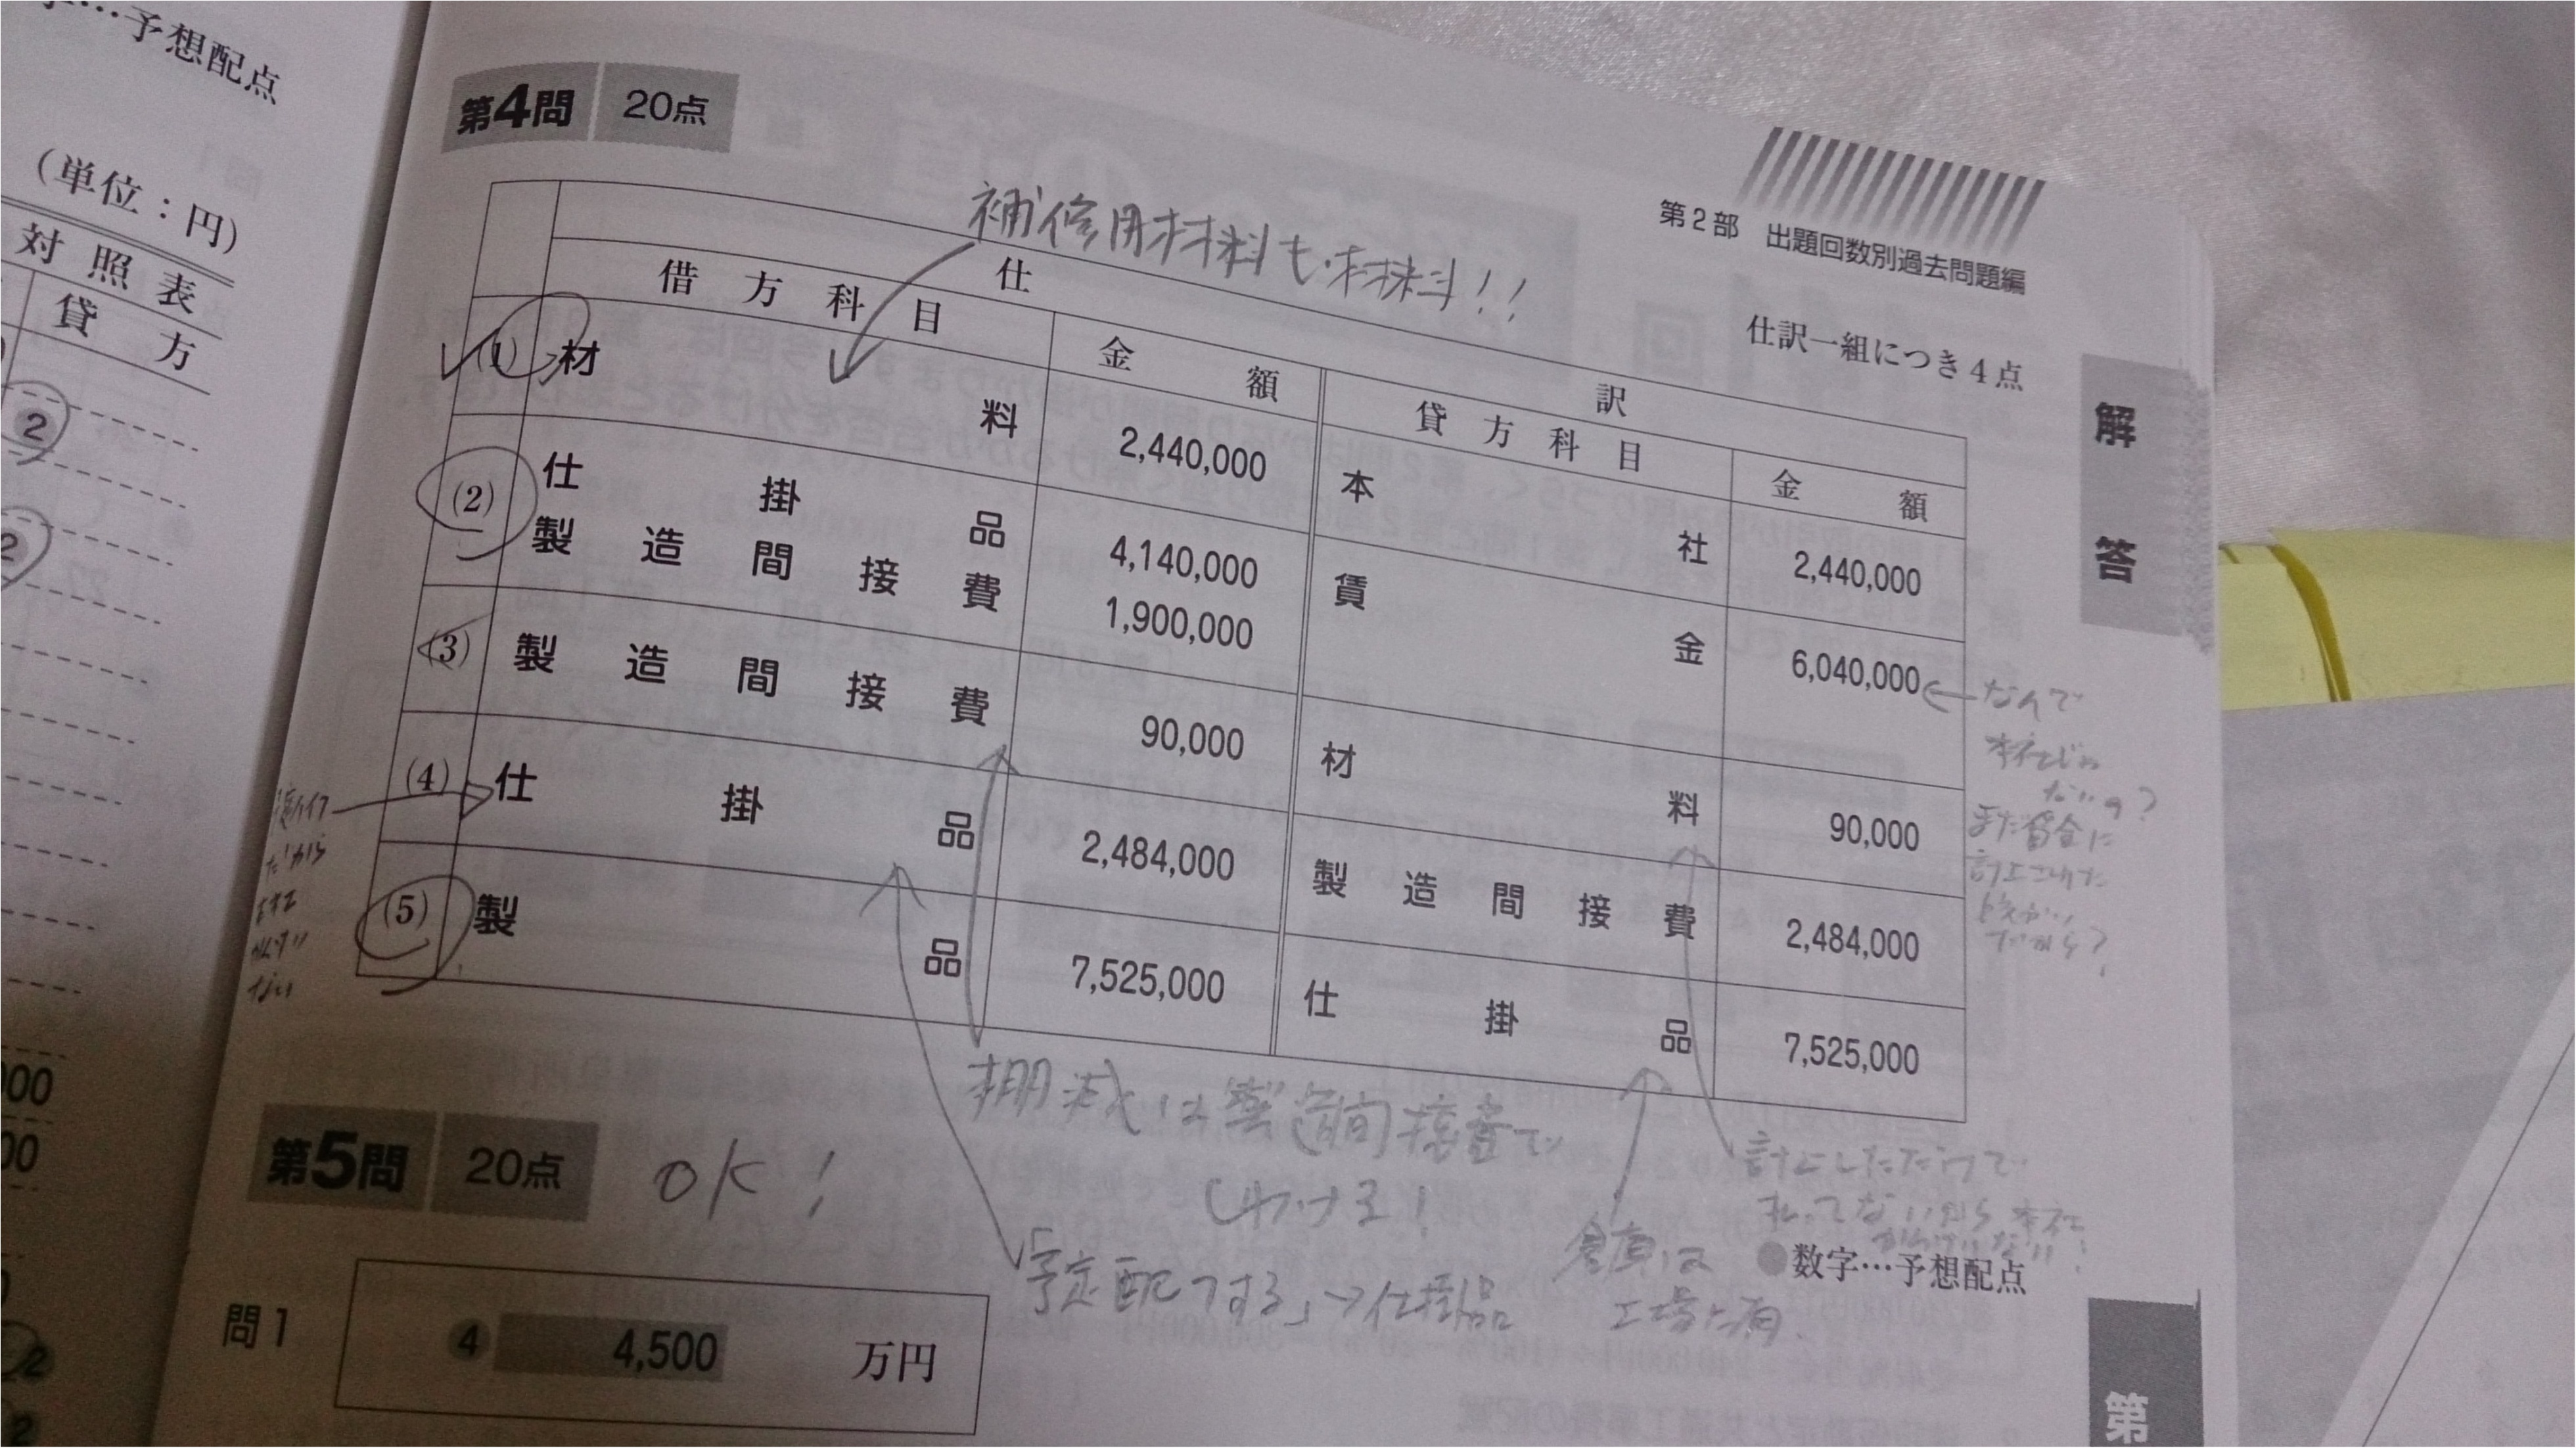 【資格】簿記2級を0から始めて2ヵ月で合格した私の、短期で成果を出す秘密☆_4